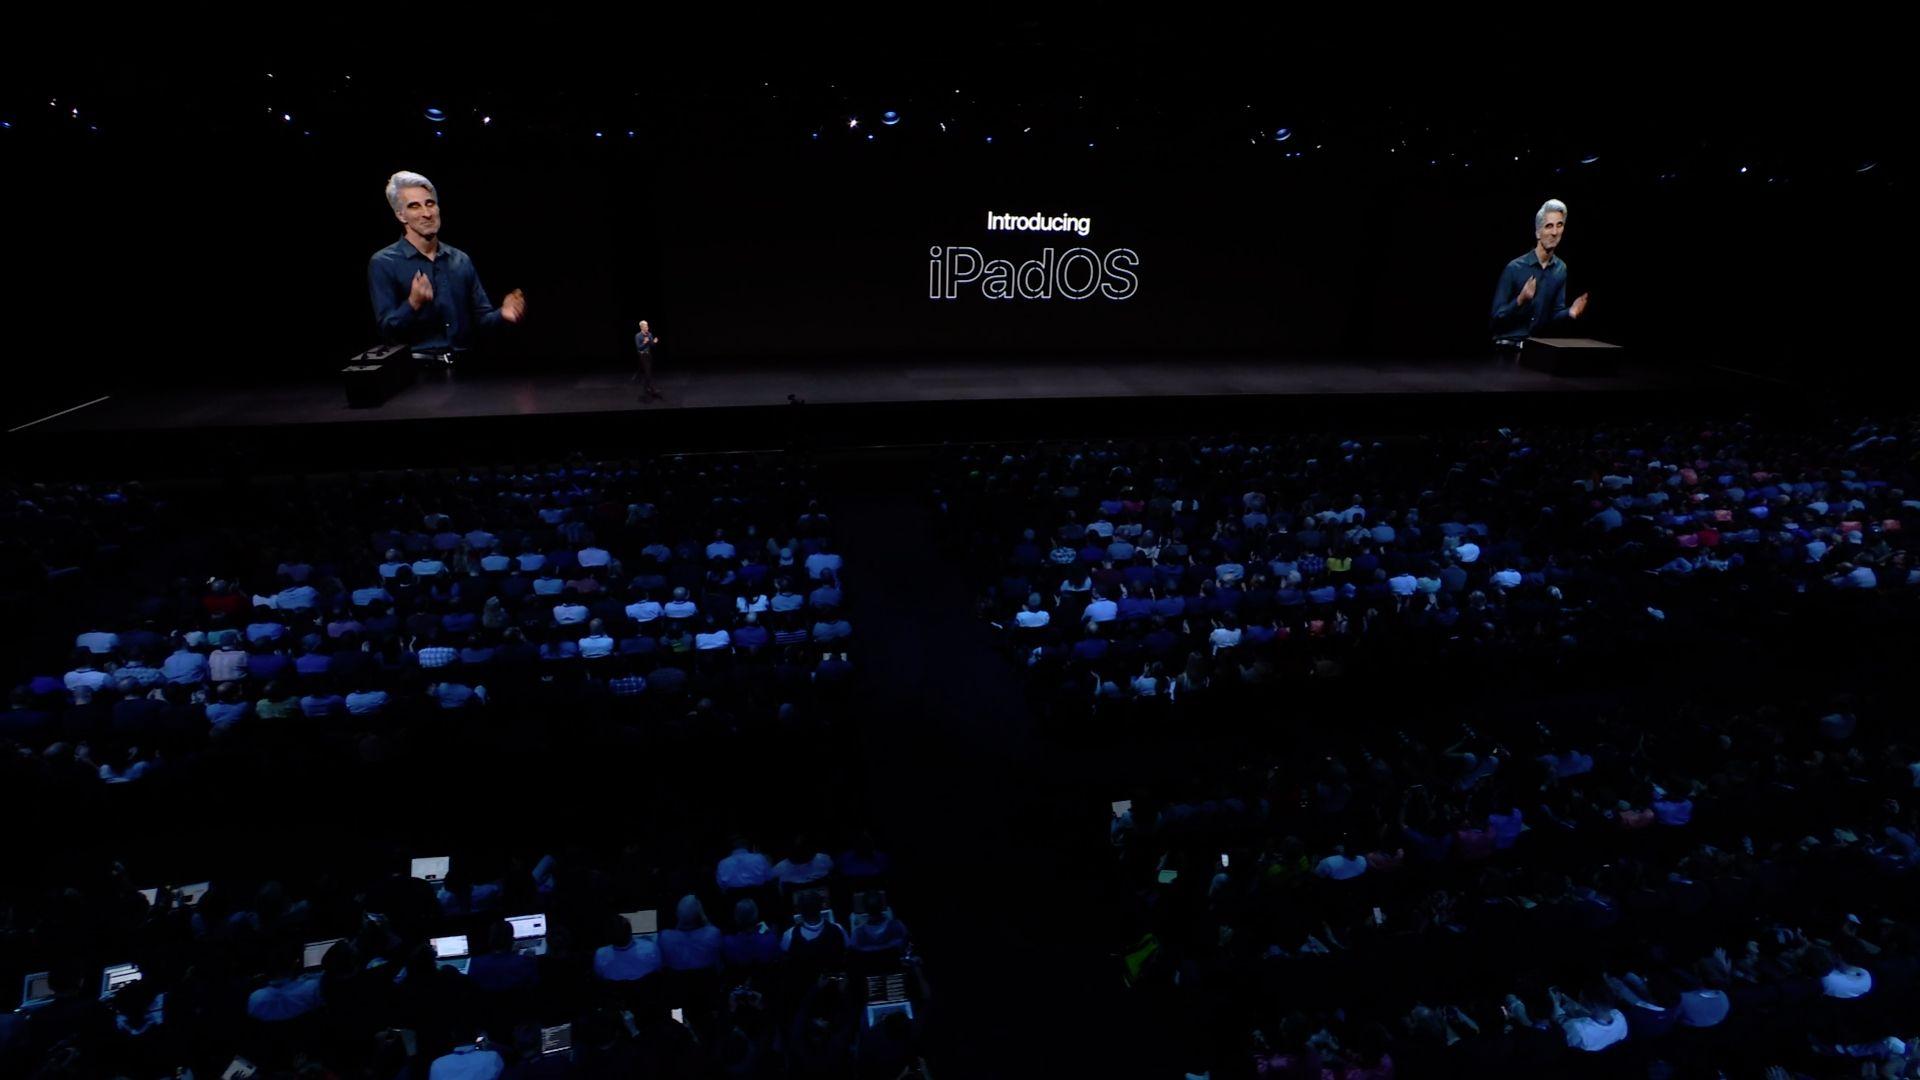 Firma Apple przedstawiła specjalną wersje iOS nazwaną iPadOS